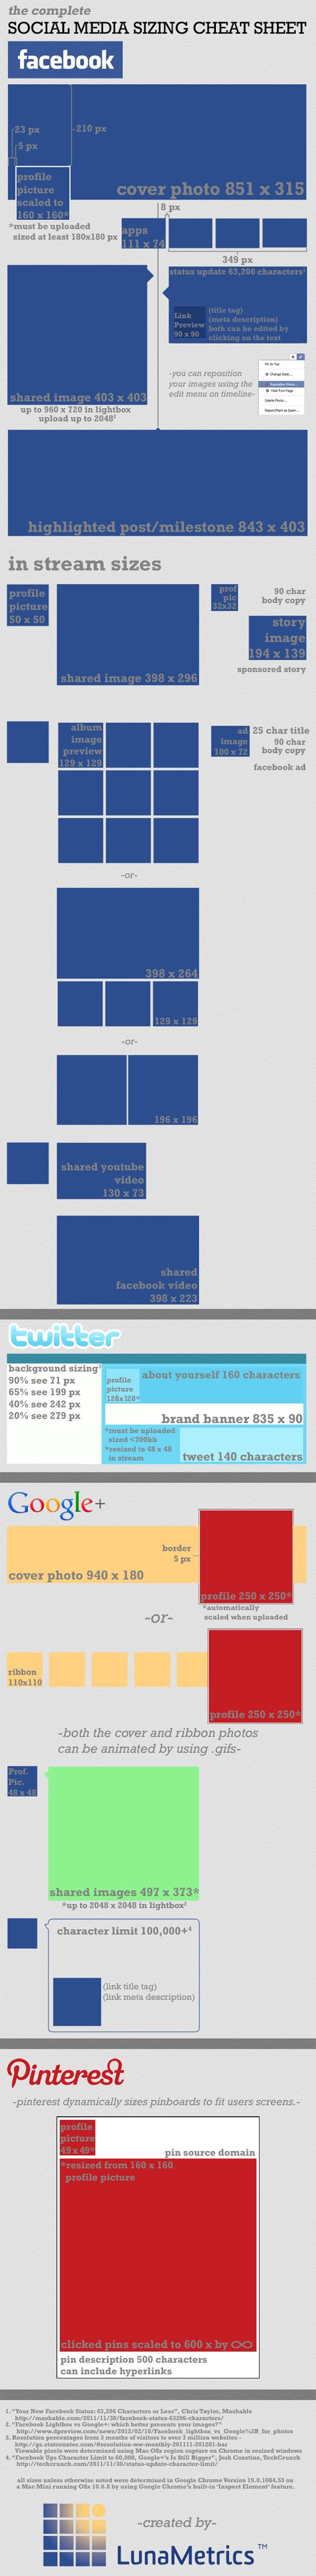 Guía del tamaño de las imágenes en los medios de comunicación social